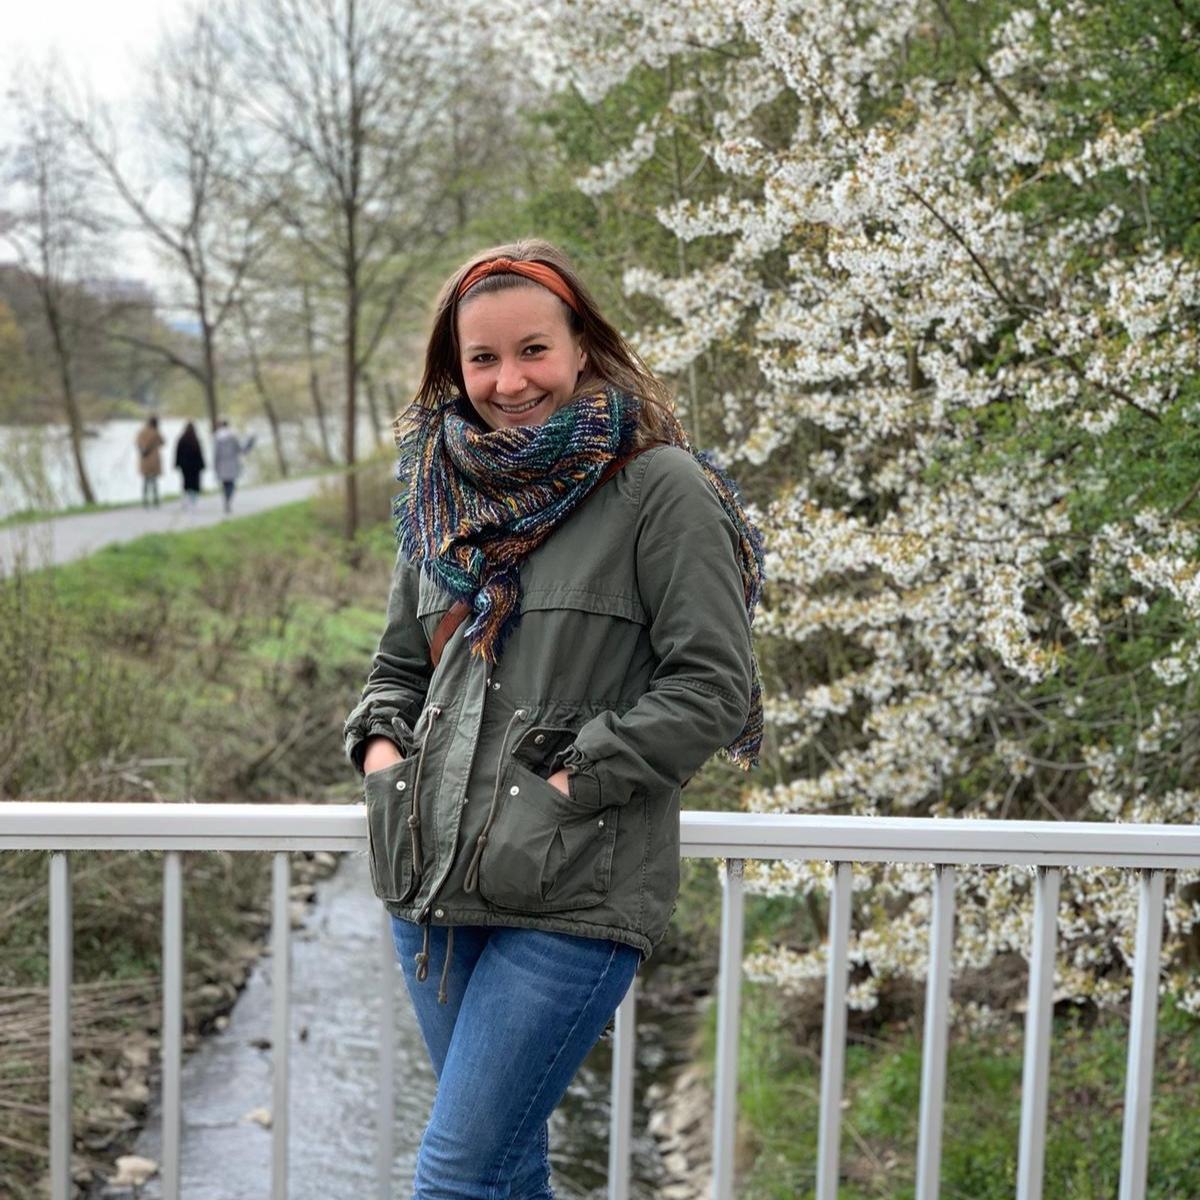 Lea Ransbach - war im Sommer/Herbst 2018 Praktikantin in Château d'Orion. Sie hat an der Justus-Liebig-Universität Gießen Französisch und Philosophie studiert und bereitet derzeit ihre Promotion vor. Für ihre PhiLea-Kolumne auf unserem Blog setzt sie sich regelmäßig mit bedeutenden philosophischen Fragestellungen, Perspektiven und Persönlichkeiten auseinander. Als Nachklang der nun schon vergangenen Storytelling-Woche mit Ivan Engler und zum Vorgeschmack der 2020 stattfindenden Schreibwerkstatt mit Amelie Fried und Peter Probst nun der zweite Teil von Lea, in der Hannah Arendts Ethik der Narrativität mit aktuellem Zeitgeschehen in Bezug gebracht wird.